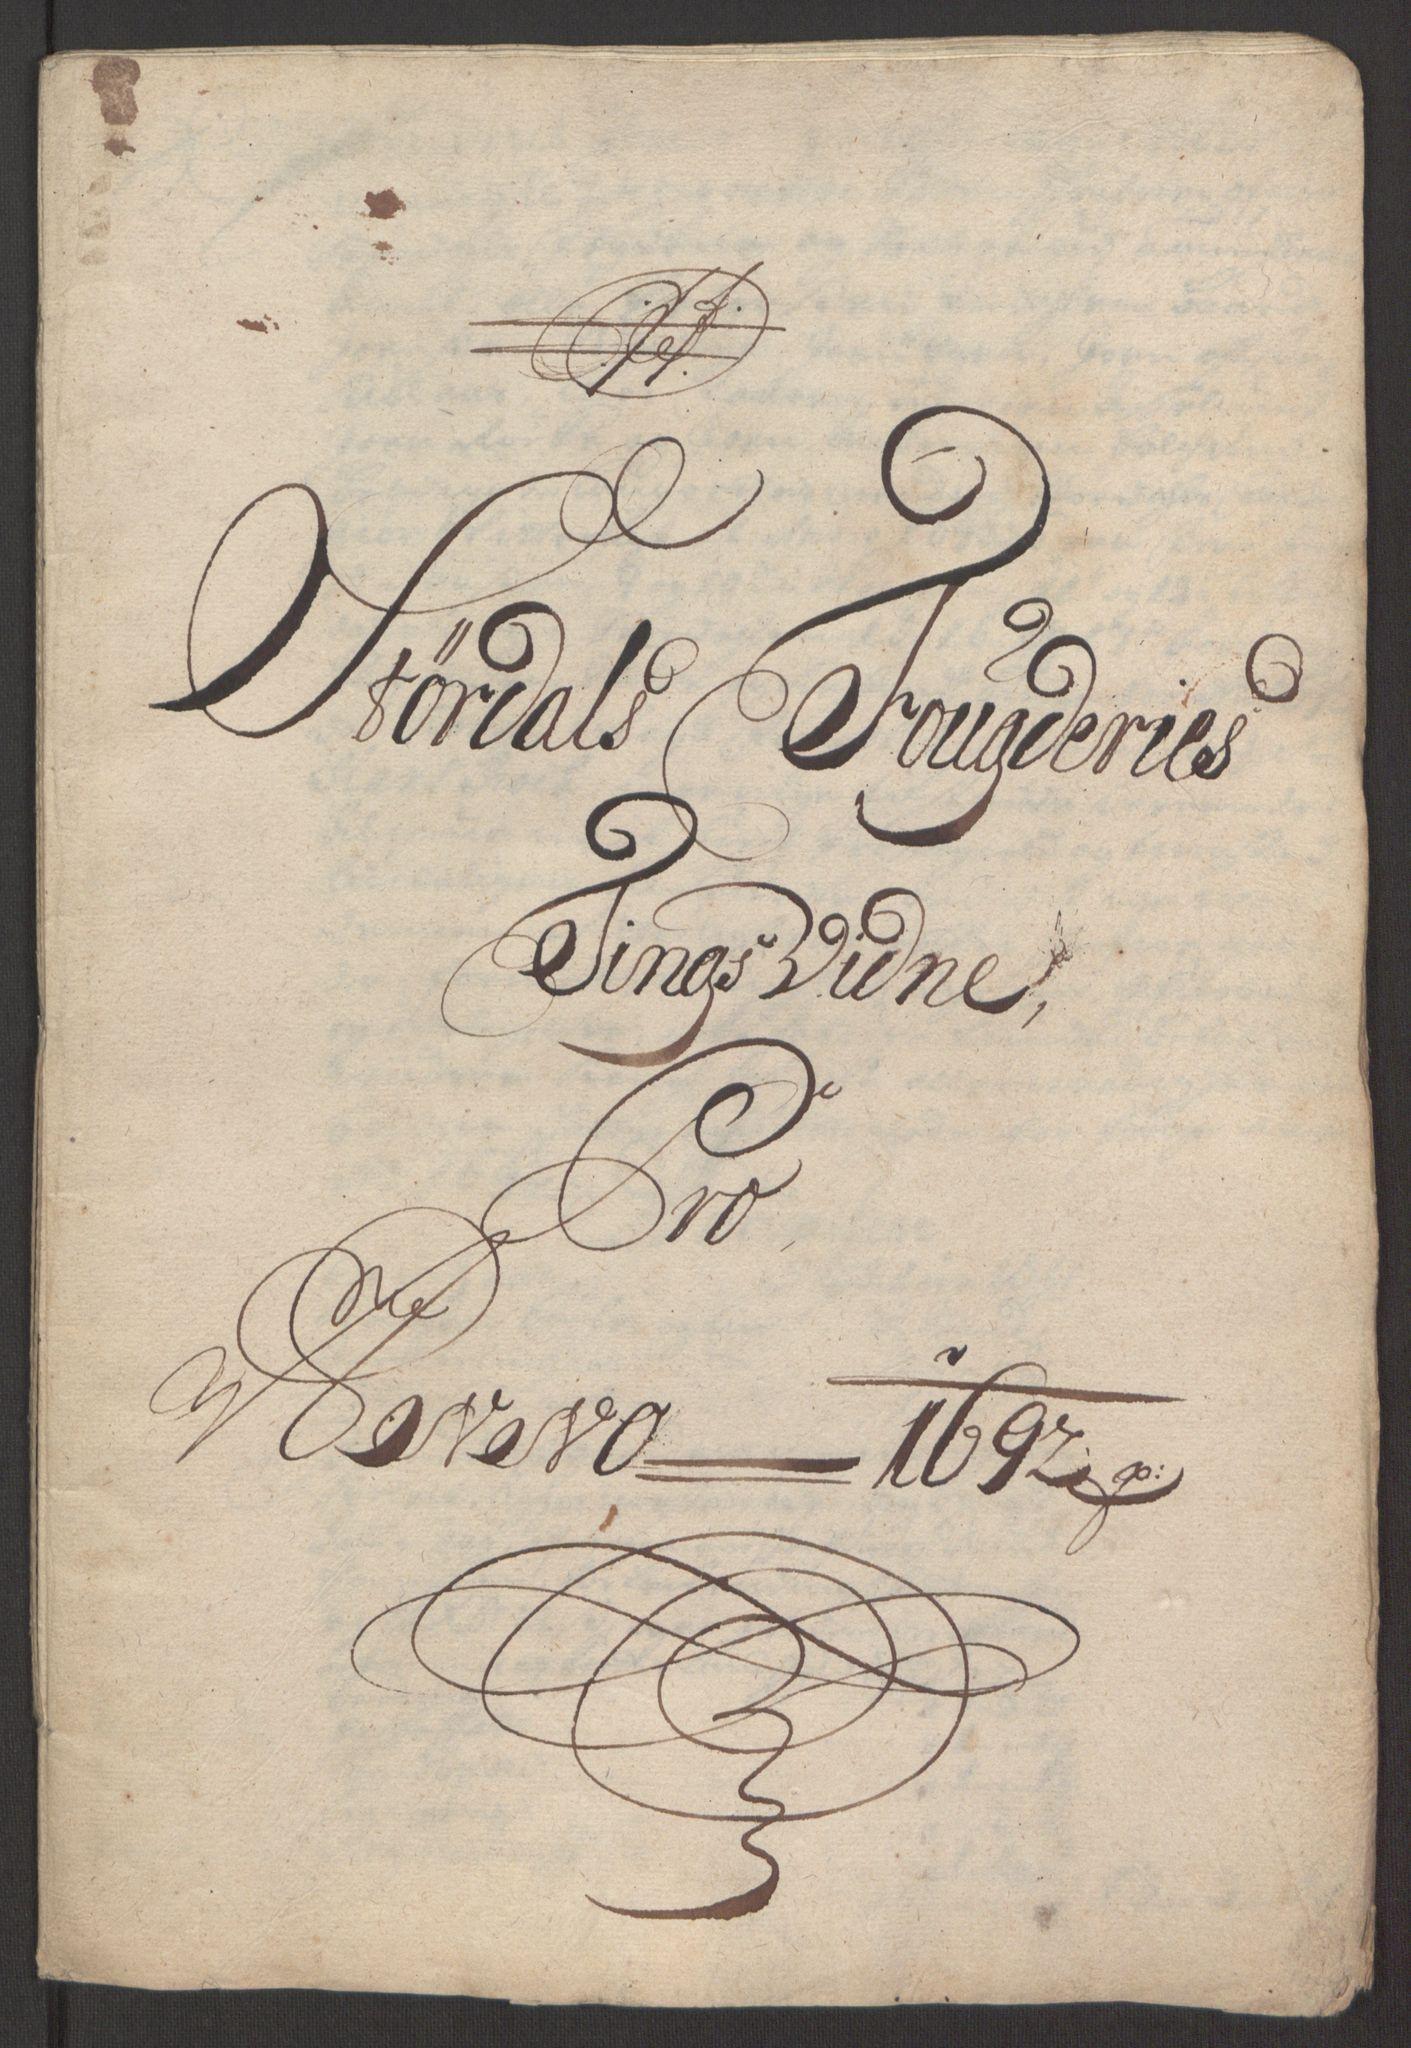 RA, Rentekammeret inntil 1814, Reviderte regnskaper, Fogderegnskap, R62/L4185: Fogderegnskap Stjørdal og Verdal, 1692, s. 282